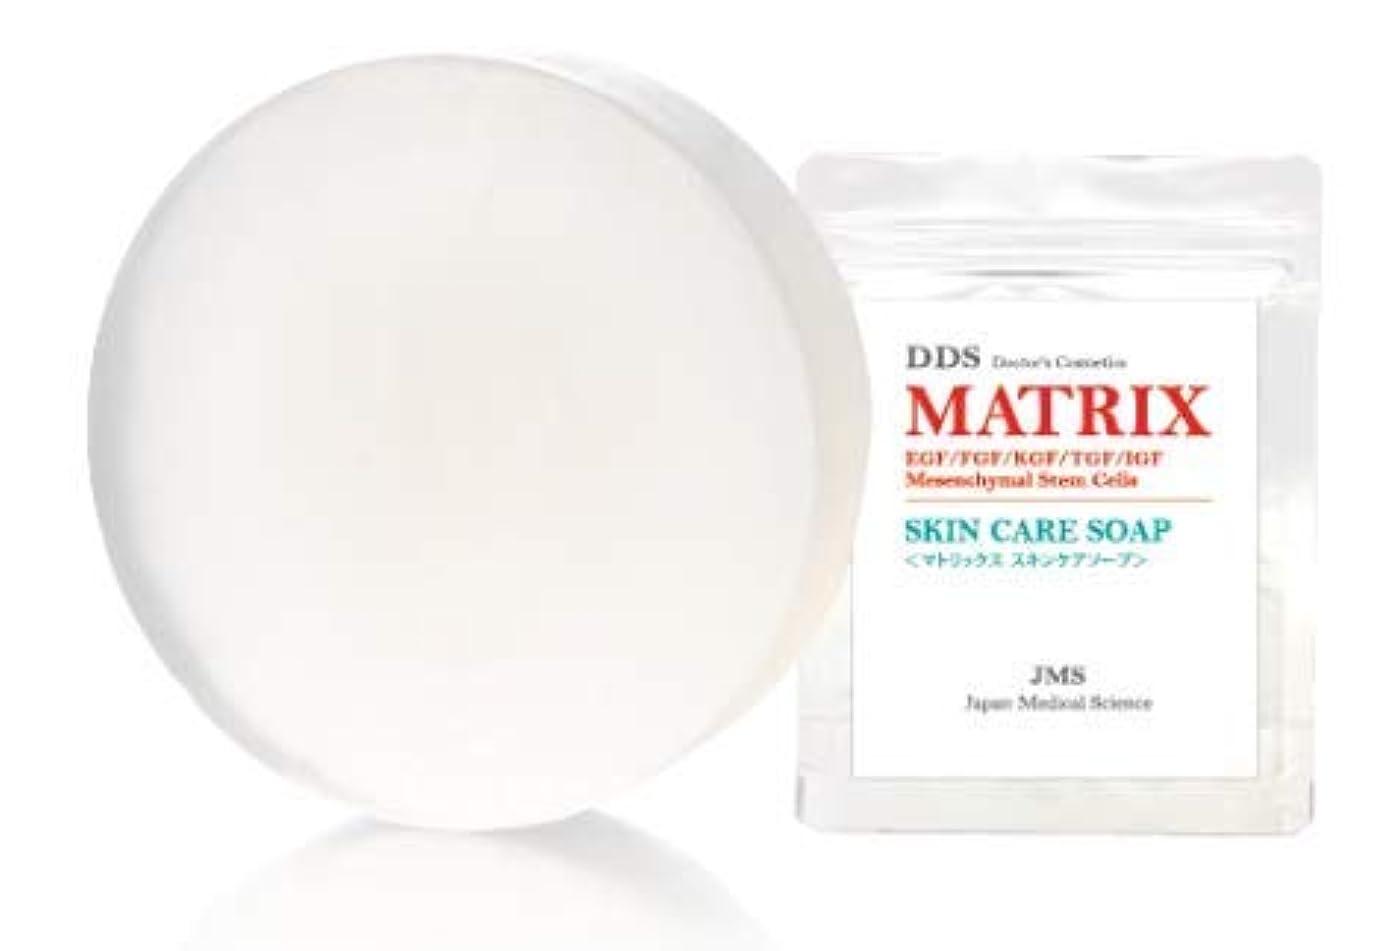 ランデブーここに大量DDS MATRIX SKIN CARE SOAP(マトリックス スキンケア ソープ)80g 洗顔石鹸 全身にも